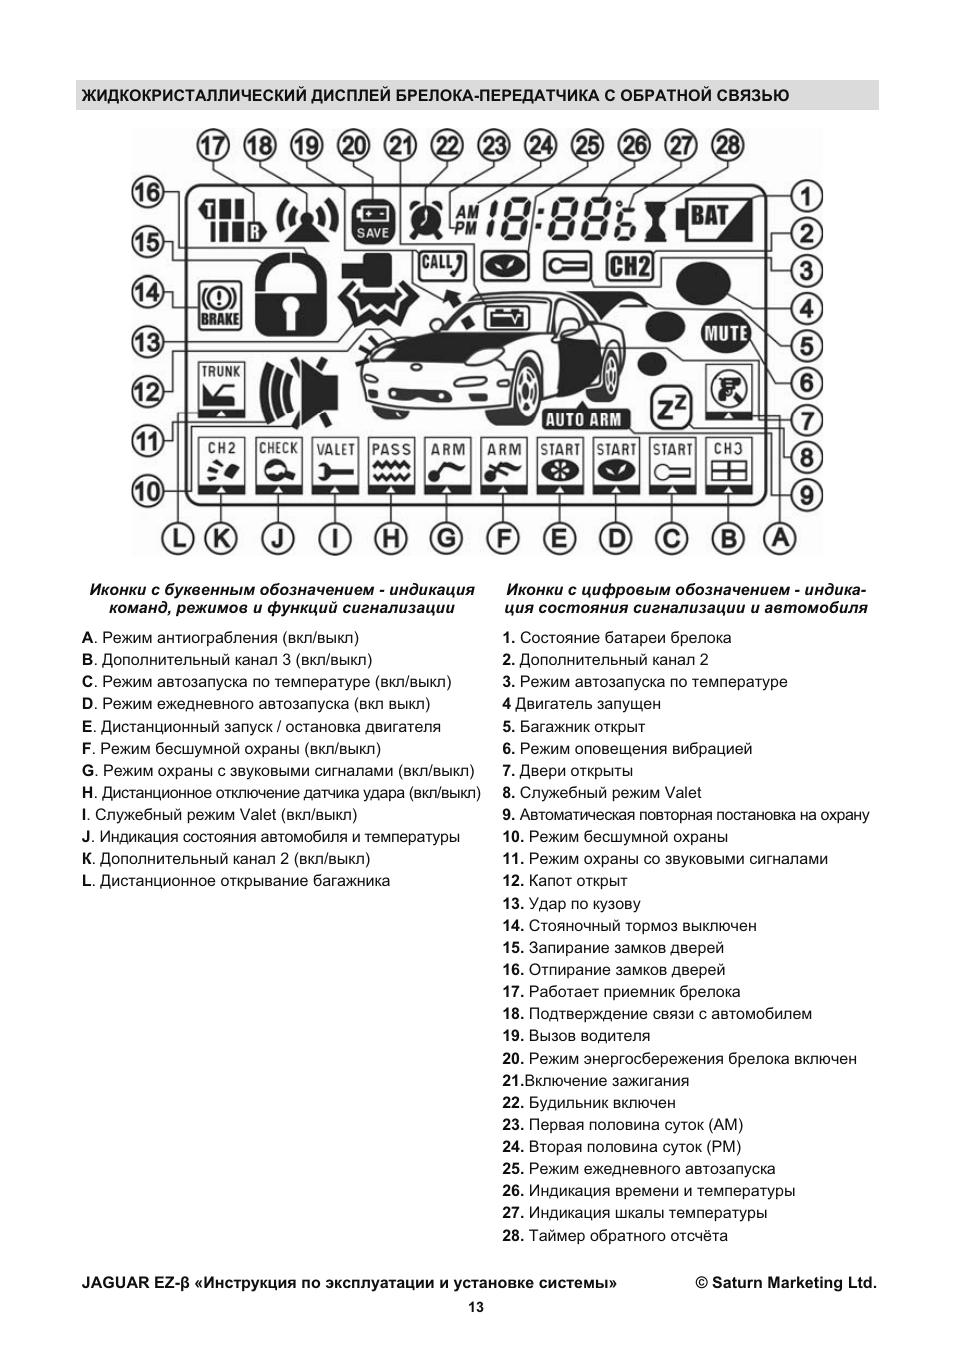 Инструкция к сигнализации jaguar tez b